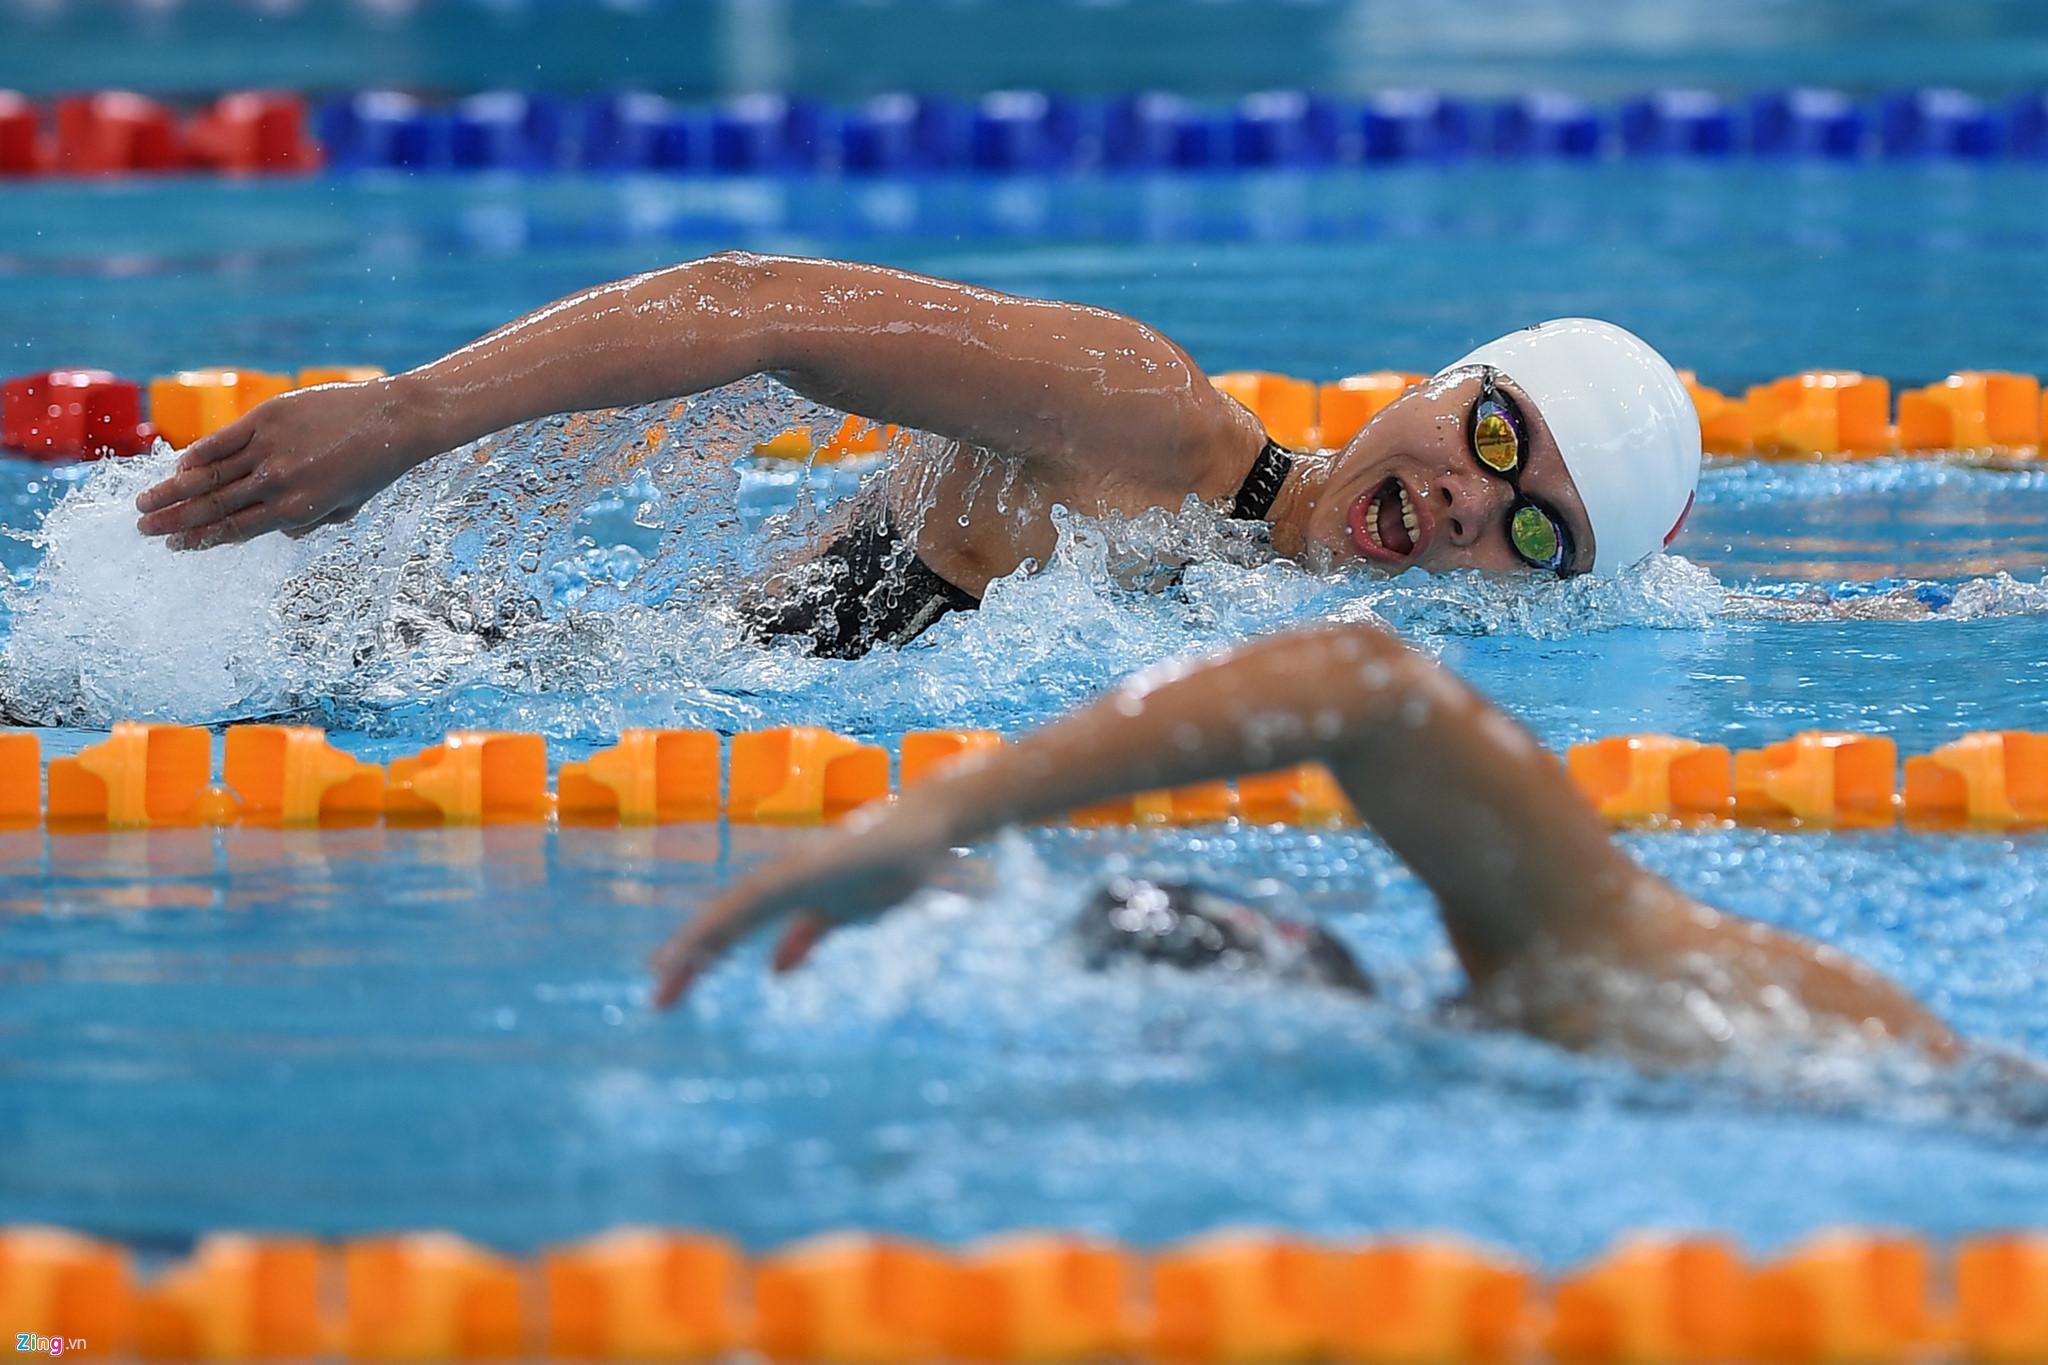 Kết quả hình ảnh cho hình ảnh bơi lội